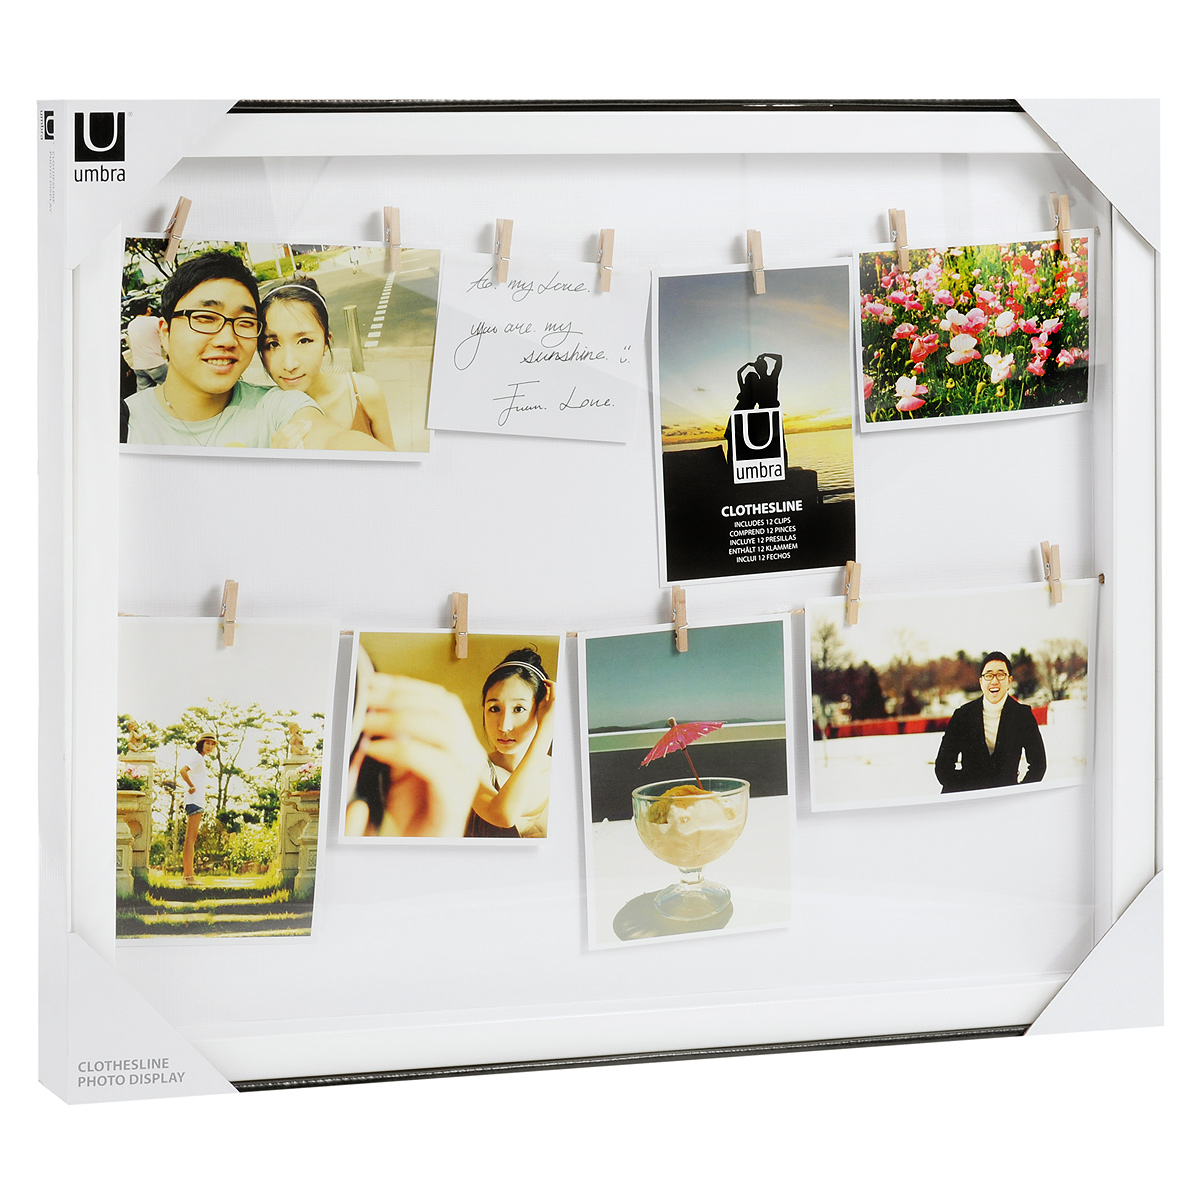 """Рамка """"Clothesline"""" с зажимами для фотографий, цвет: белый, Umbra"""